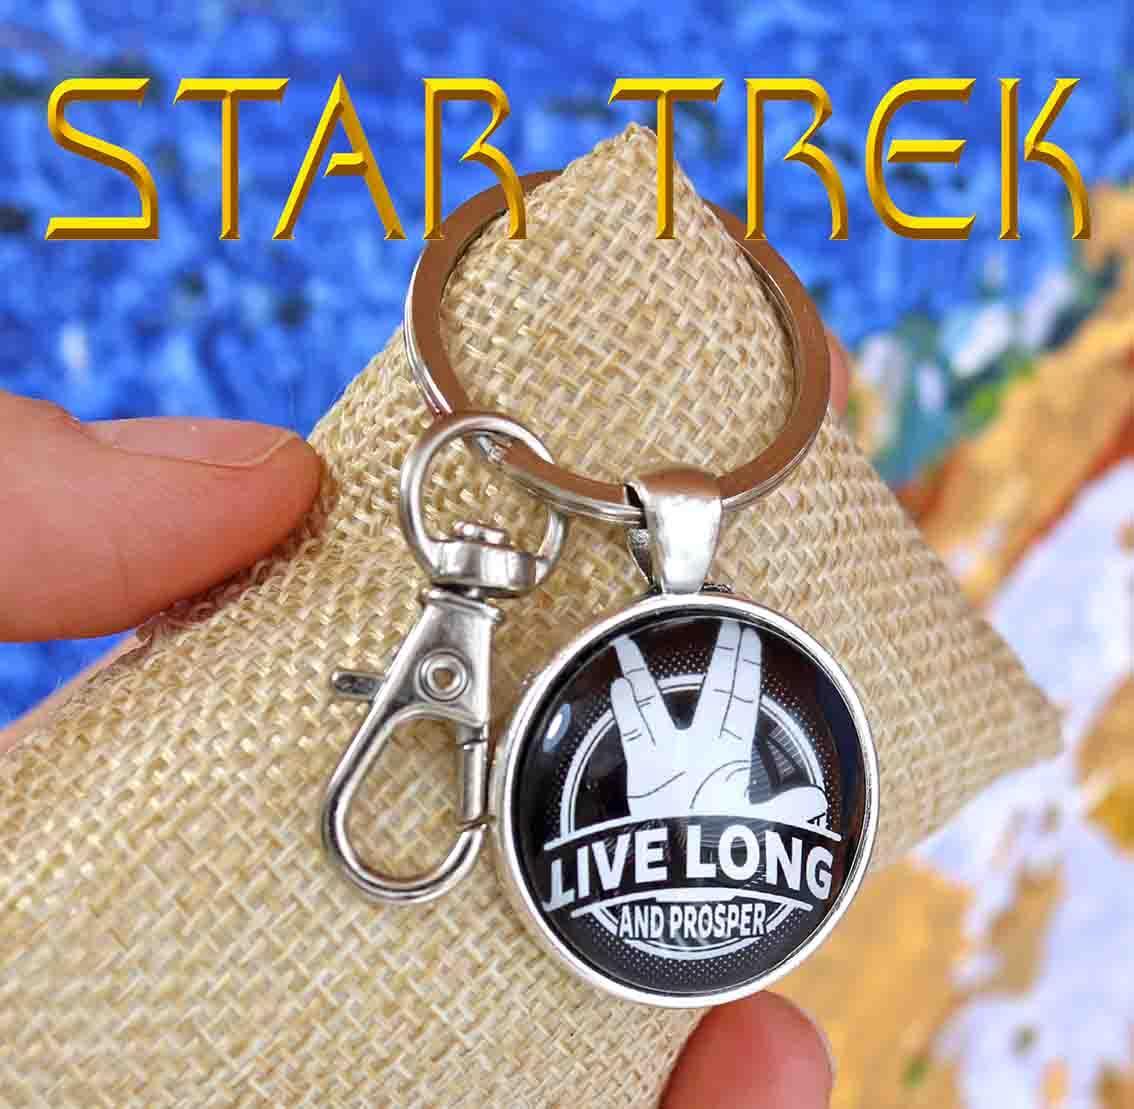 Брелок Star Trek Звездный Путь Вулканский салют Live long and prosper